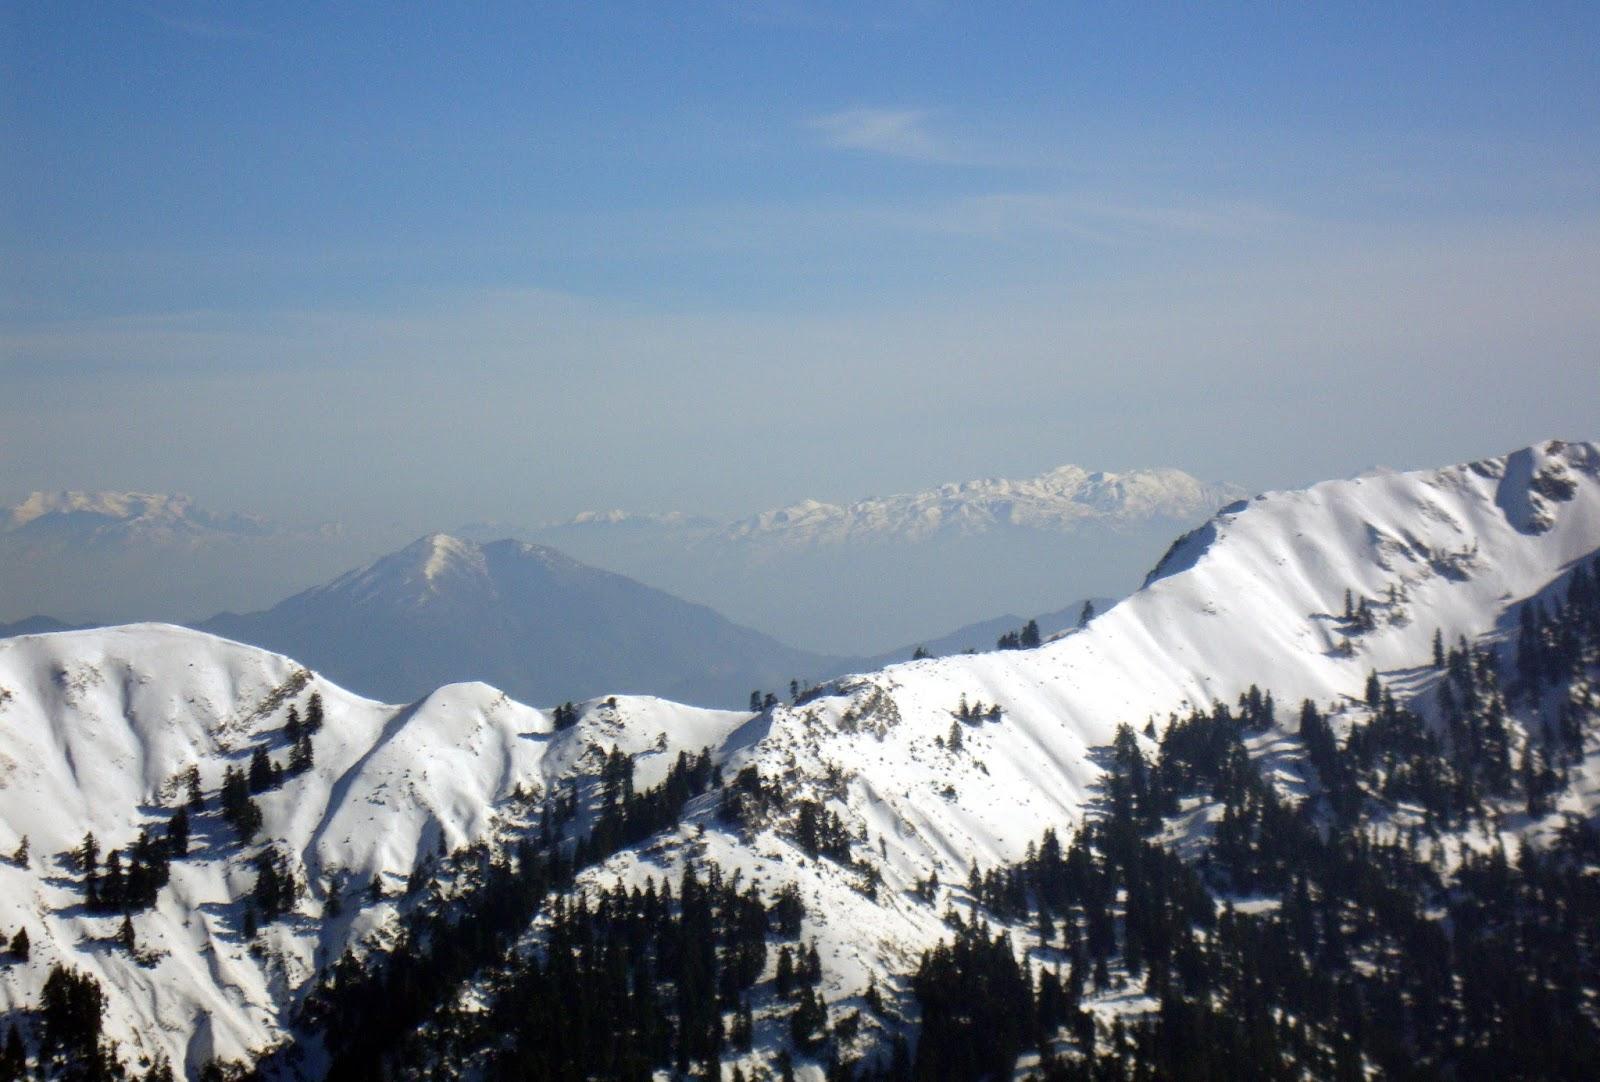 χελμός ριγάνι ορεινής ναυπακτίας παναχαϊκό όρος